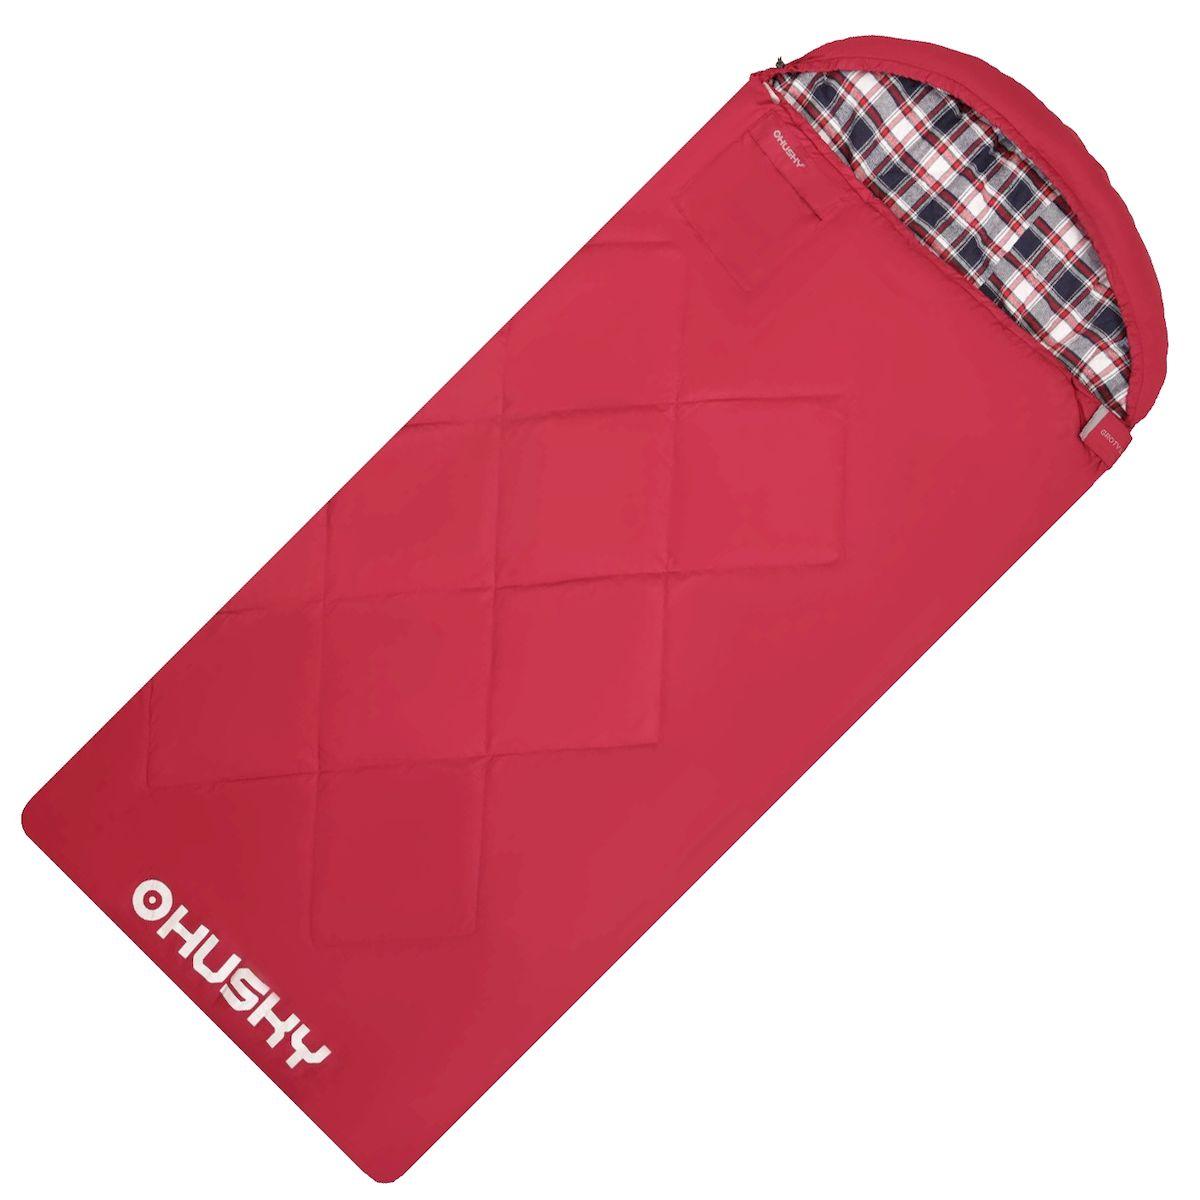 Спальник - одеяло Husky GROTY LADY -5С, левая молния, цвет: красныйУТ-000069831Спальник-одеяло с подголовником женский до -5°C (НОВИНКА) GROTY LADY Двухслойный женский спальный мешок-одеяло для кемпинга. Утеплитель из 4-х канального холофайбера, превосходная комбинация теплового комфорта с комфортом традиционного спального мешка-одеяла. Groty можно использовать не только на природе, но и в помещении как традиционное одеяло. Размеры: 85х200 см Размеры в сложенном виде: 45х35х17 см Вес: 2450 г Экстремальная температура: -5 С Комфортная температура: -0 С ... +5 С - Внешний материал: Pongee 75D 210T (лен) - Внутренний материал: флис (полиэстер) - Утеплитель: 2 слоя 150 г/м2 HollowFibre, - Конструкция: два слоя - Компрессионный мешок - Петли для сушки